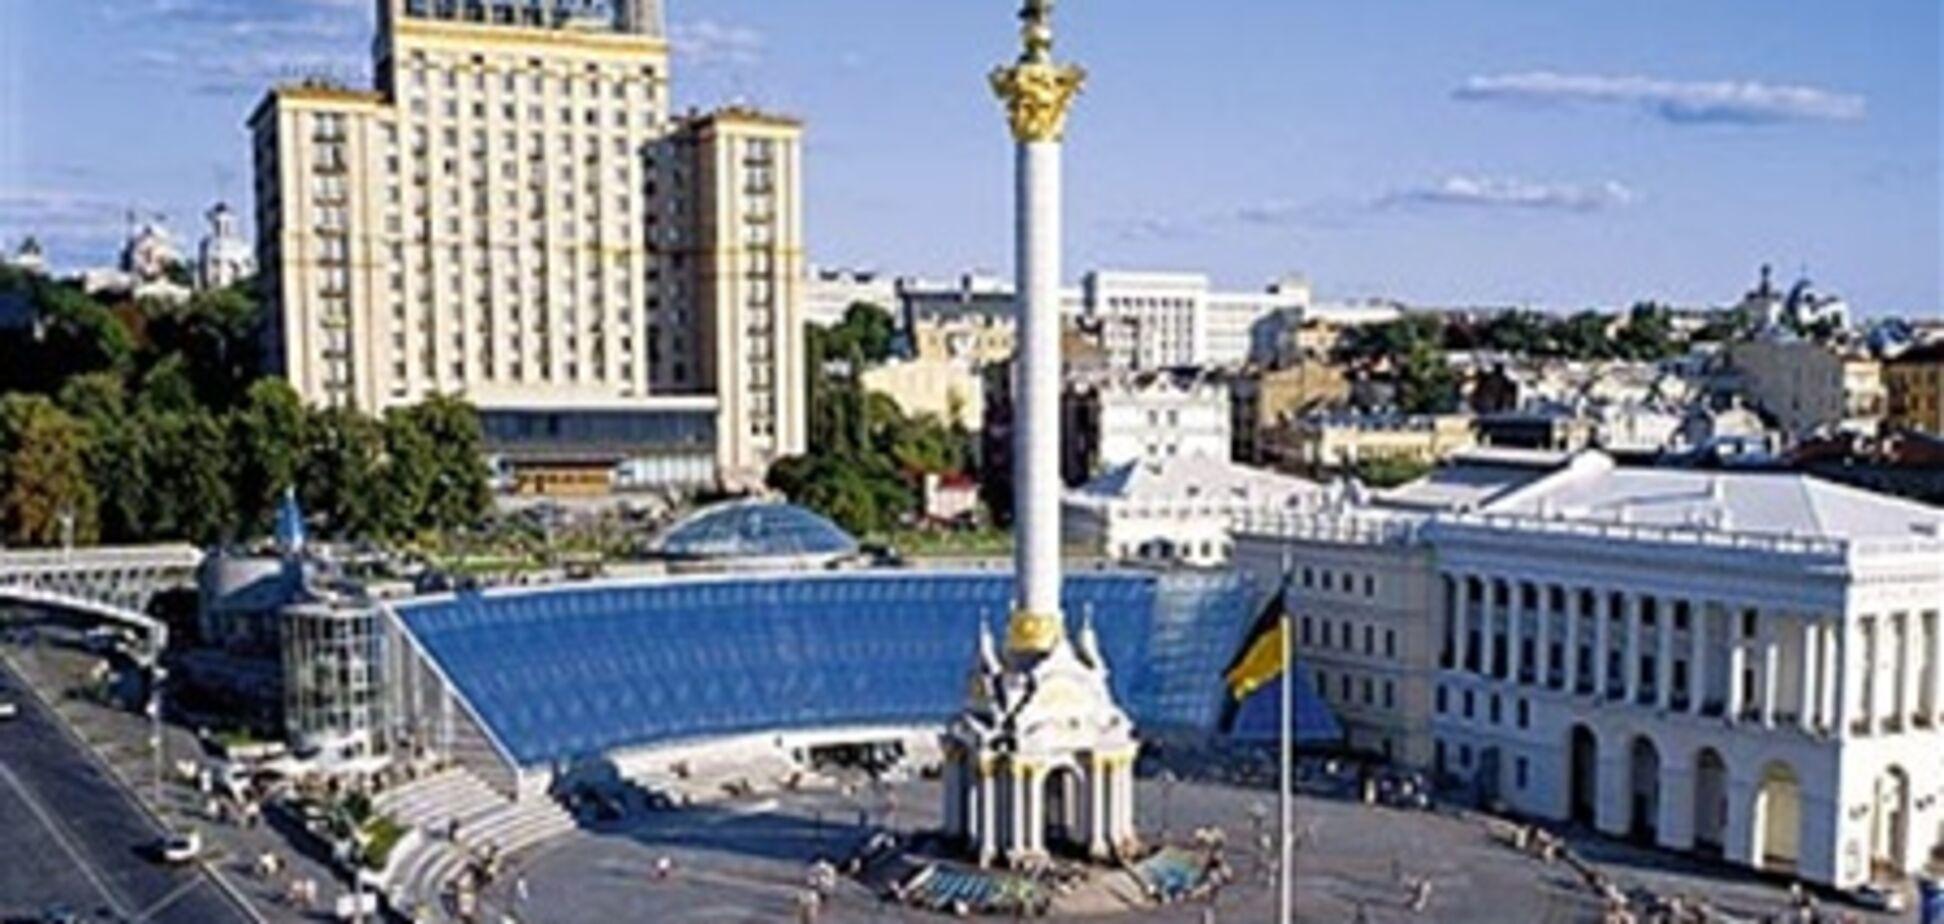 Киев значительно отстает от Европы по стандартам жилья